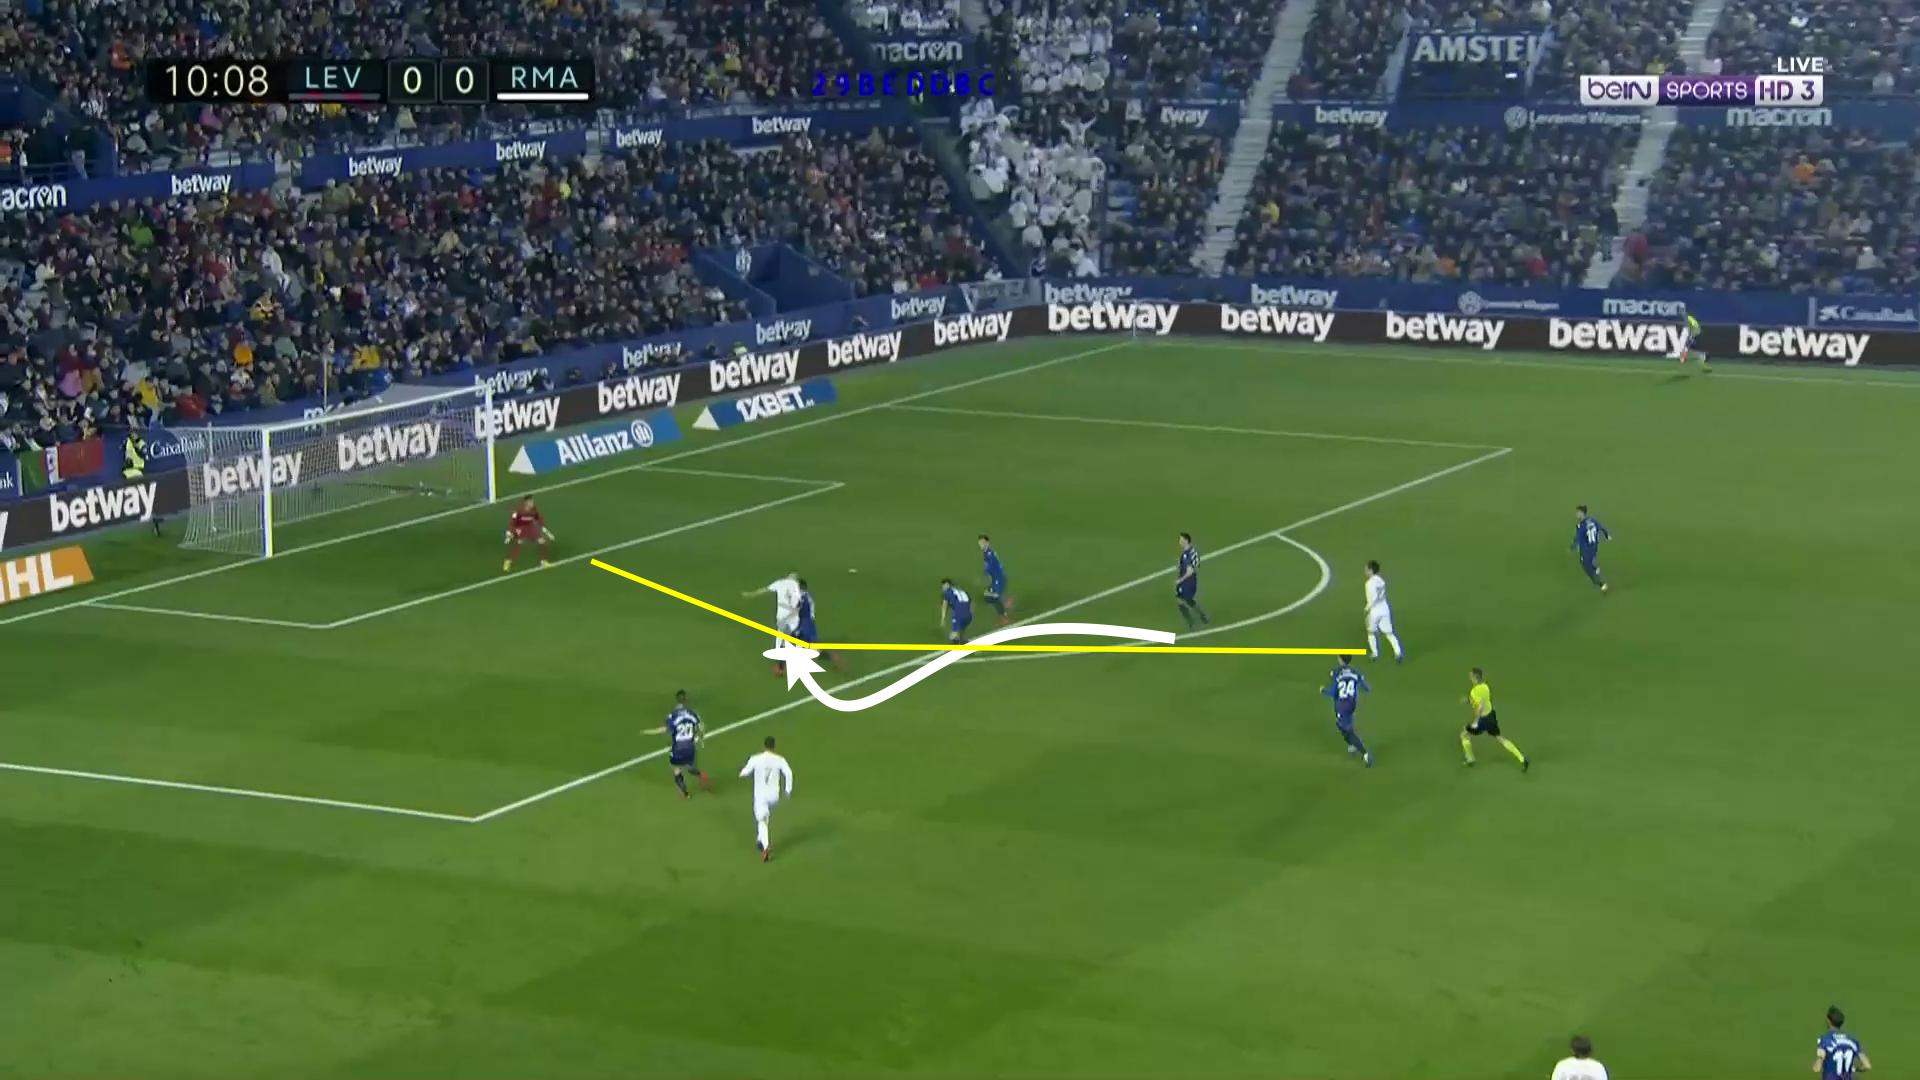 La Liga 2019/20: Levante vs Real Madrid - tactical analysis tactics